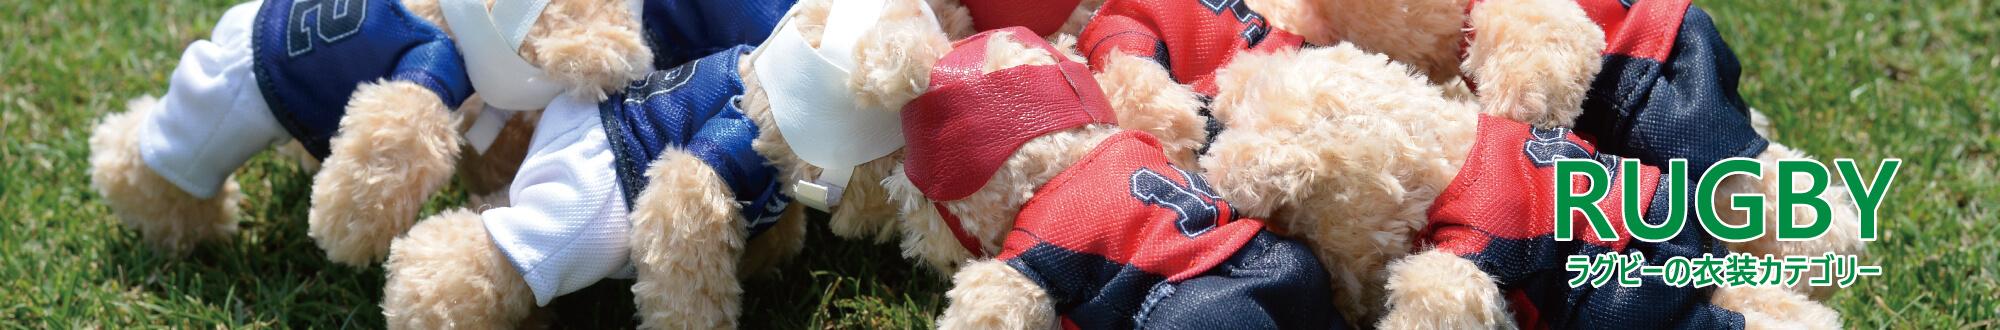 ラグビーの制服・衣装を着たぬいぐるみ作成のイメージ画像